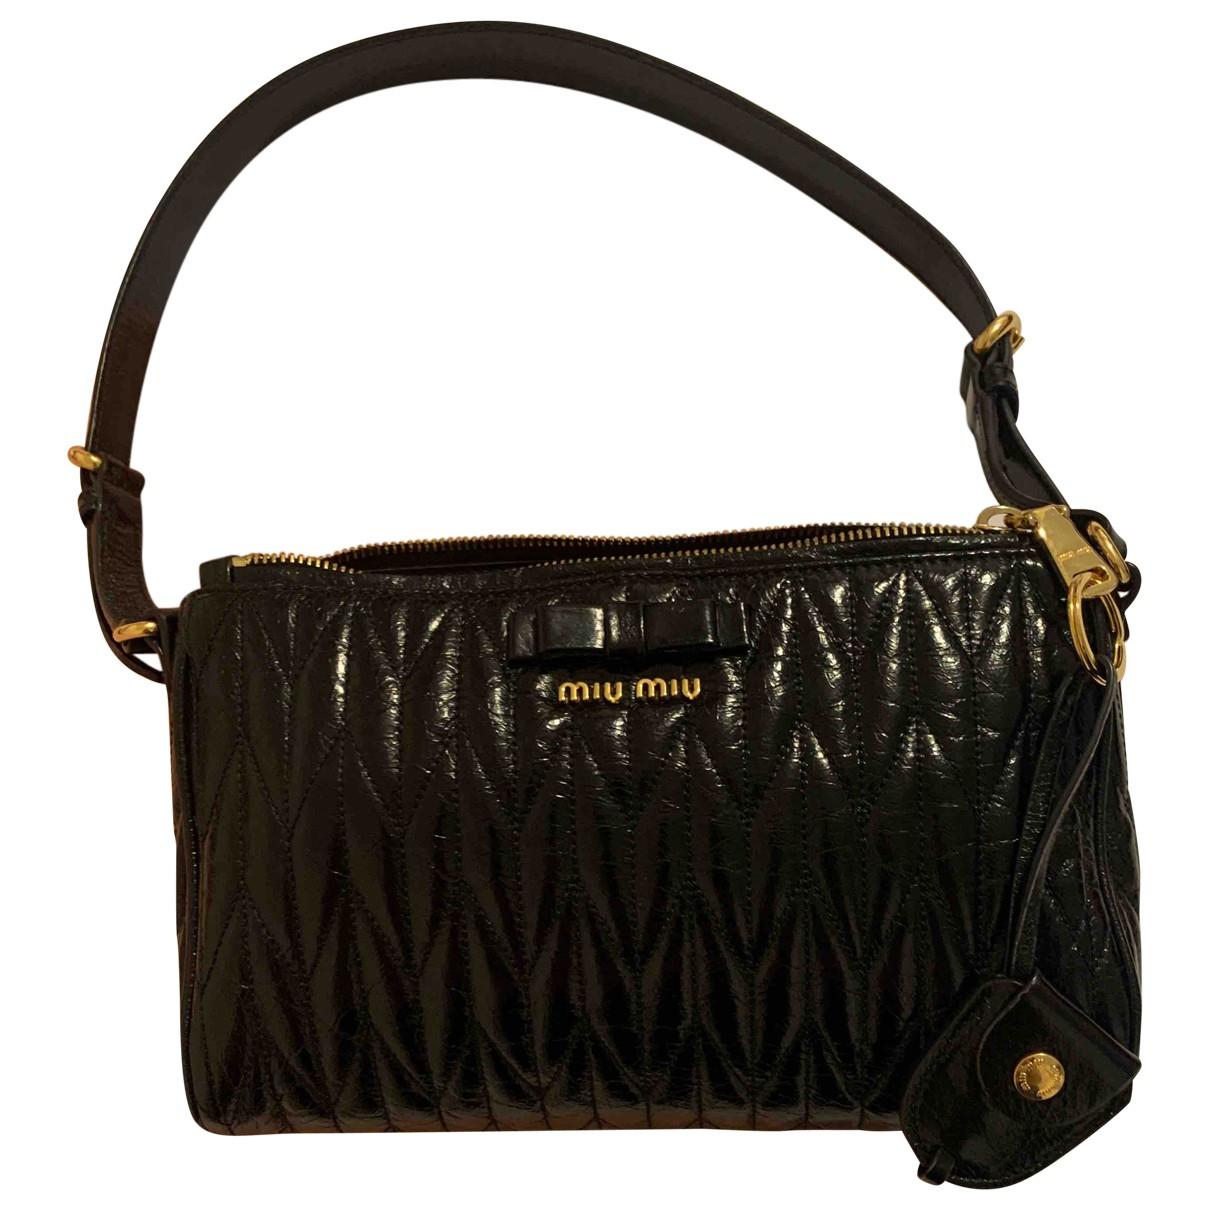 Miu Miu Matelassé Black Patent leather handbag for Women N